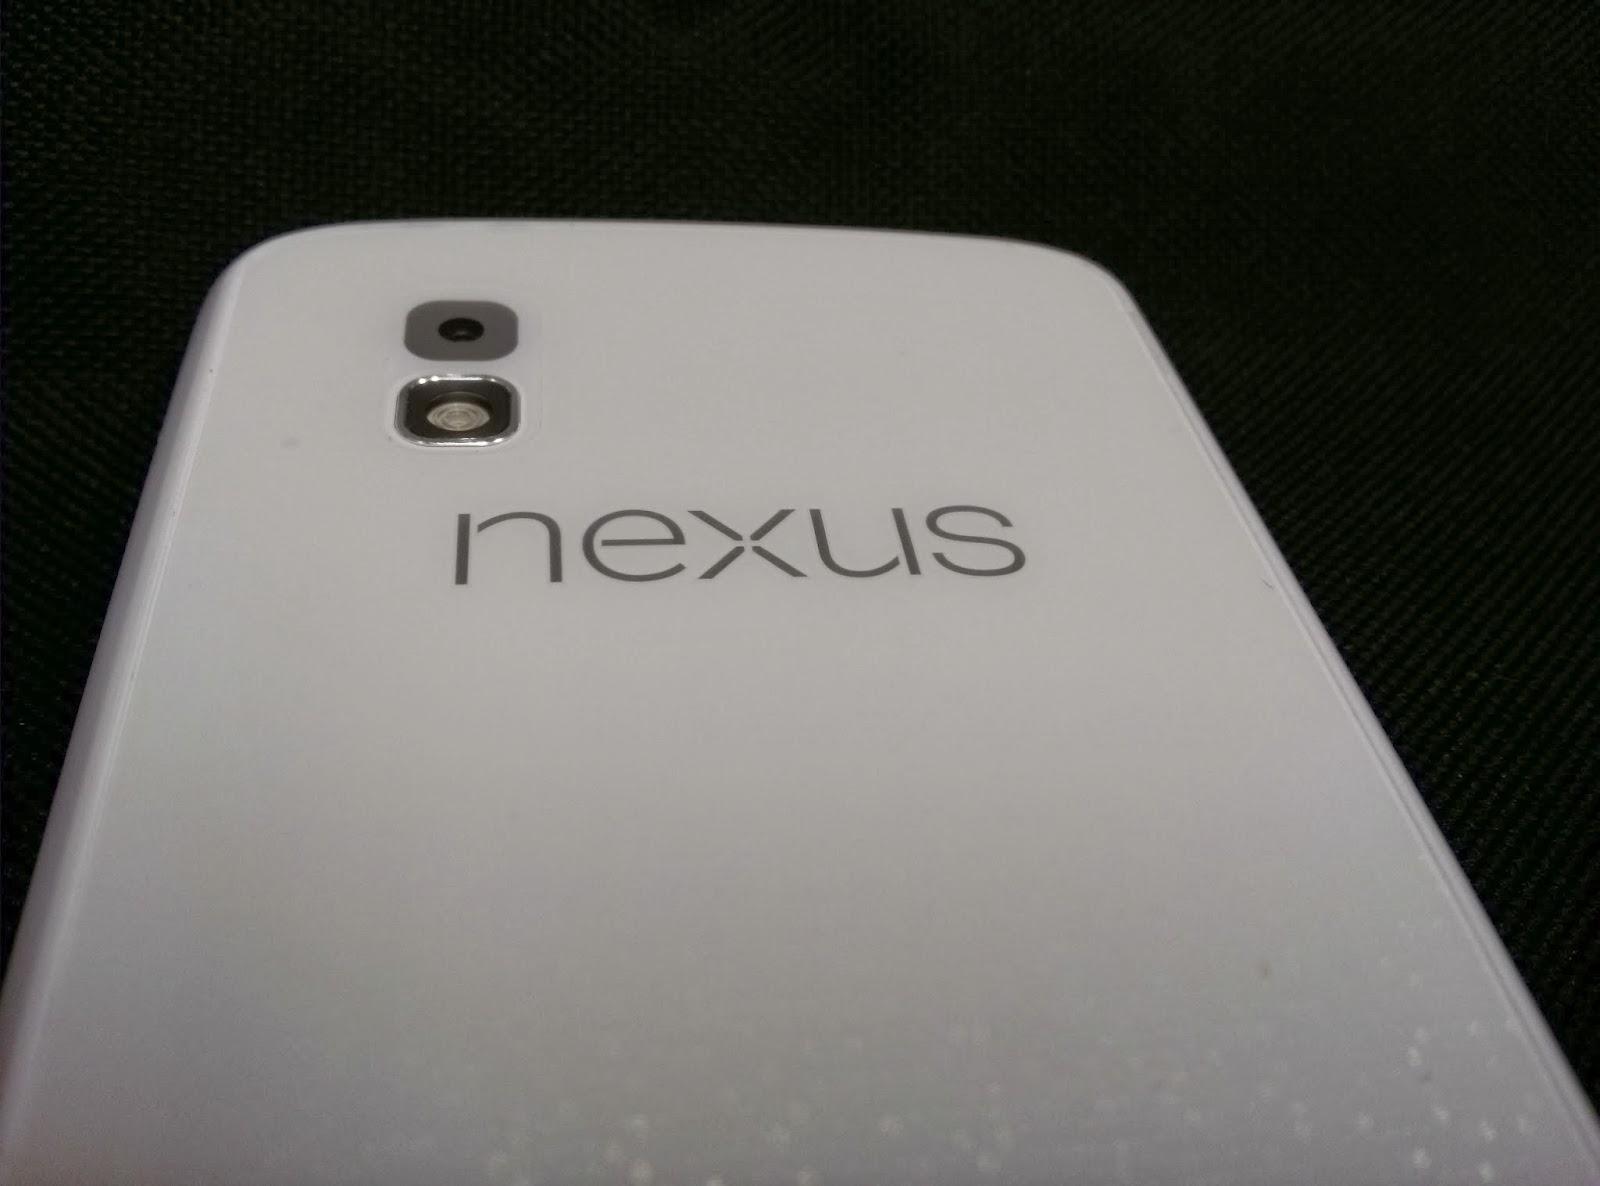 La Web Del Yuyo: Tutorial: Rootear Nexus 4 (Mako) con Nexus